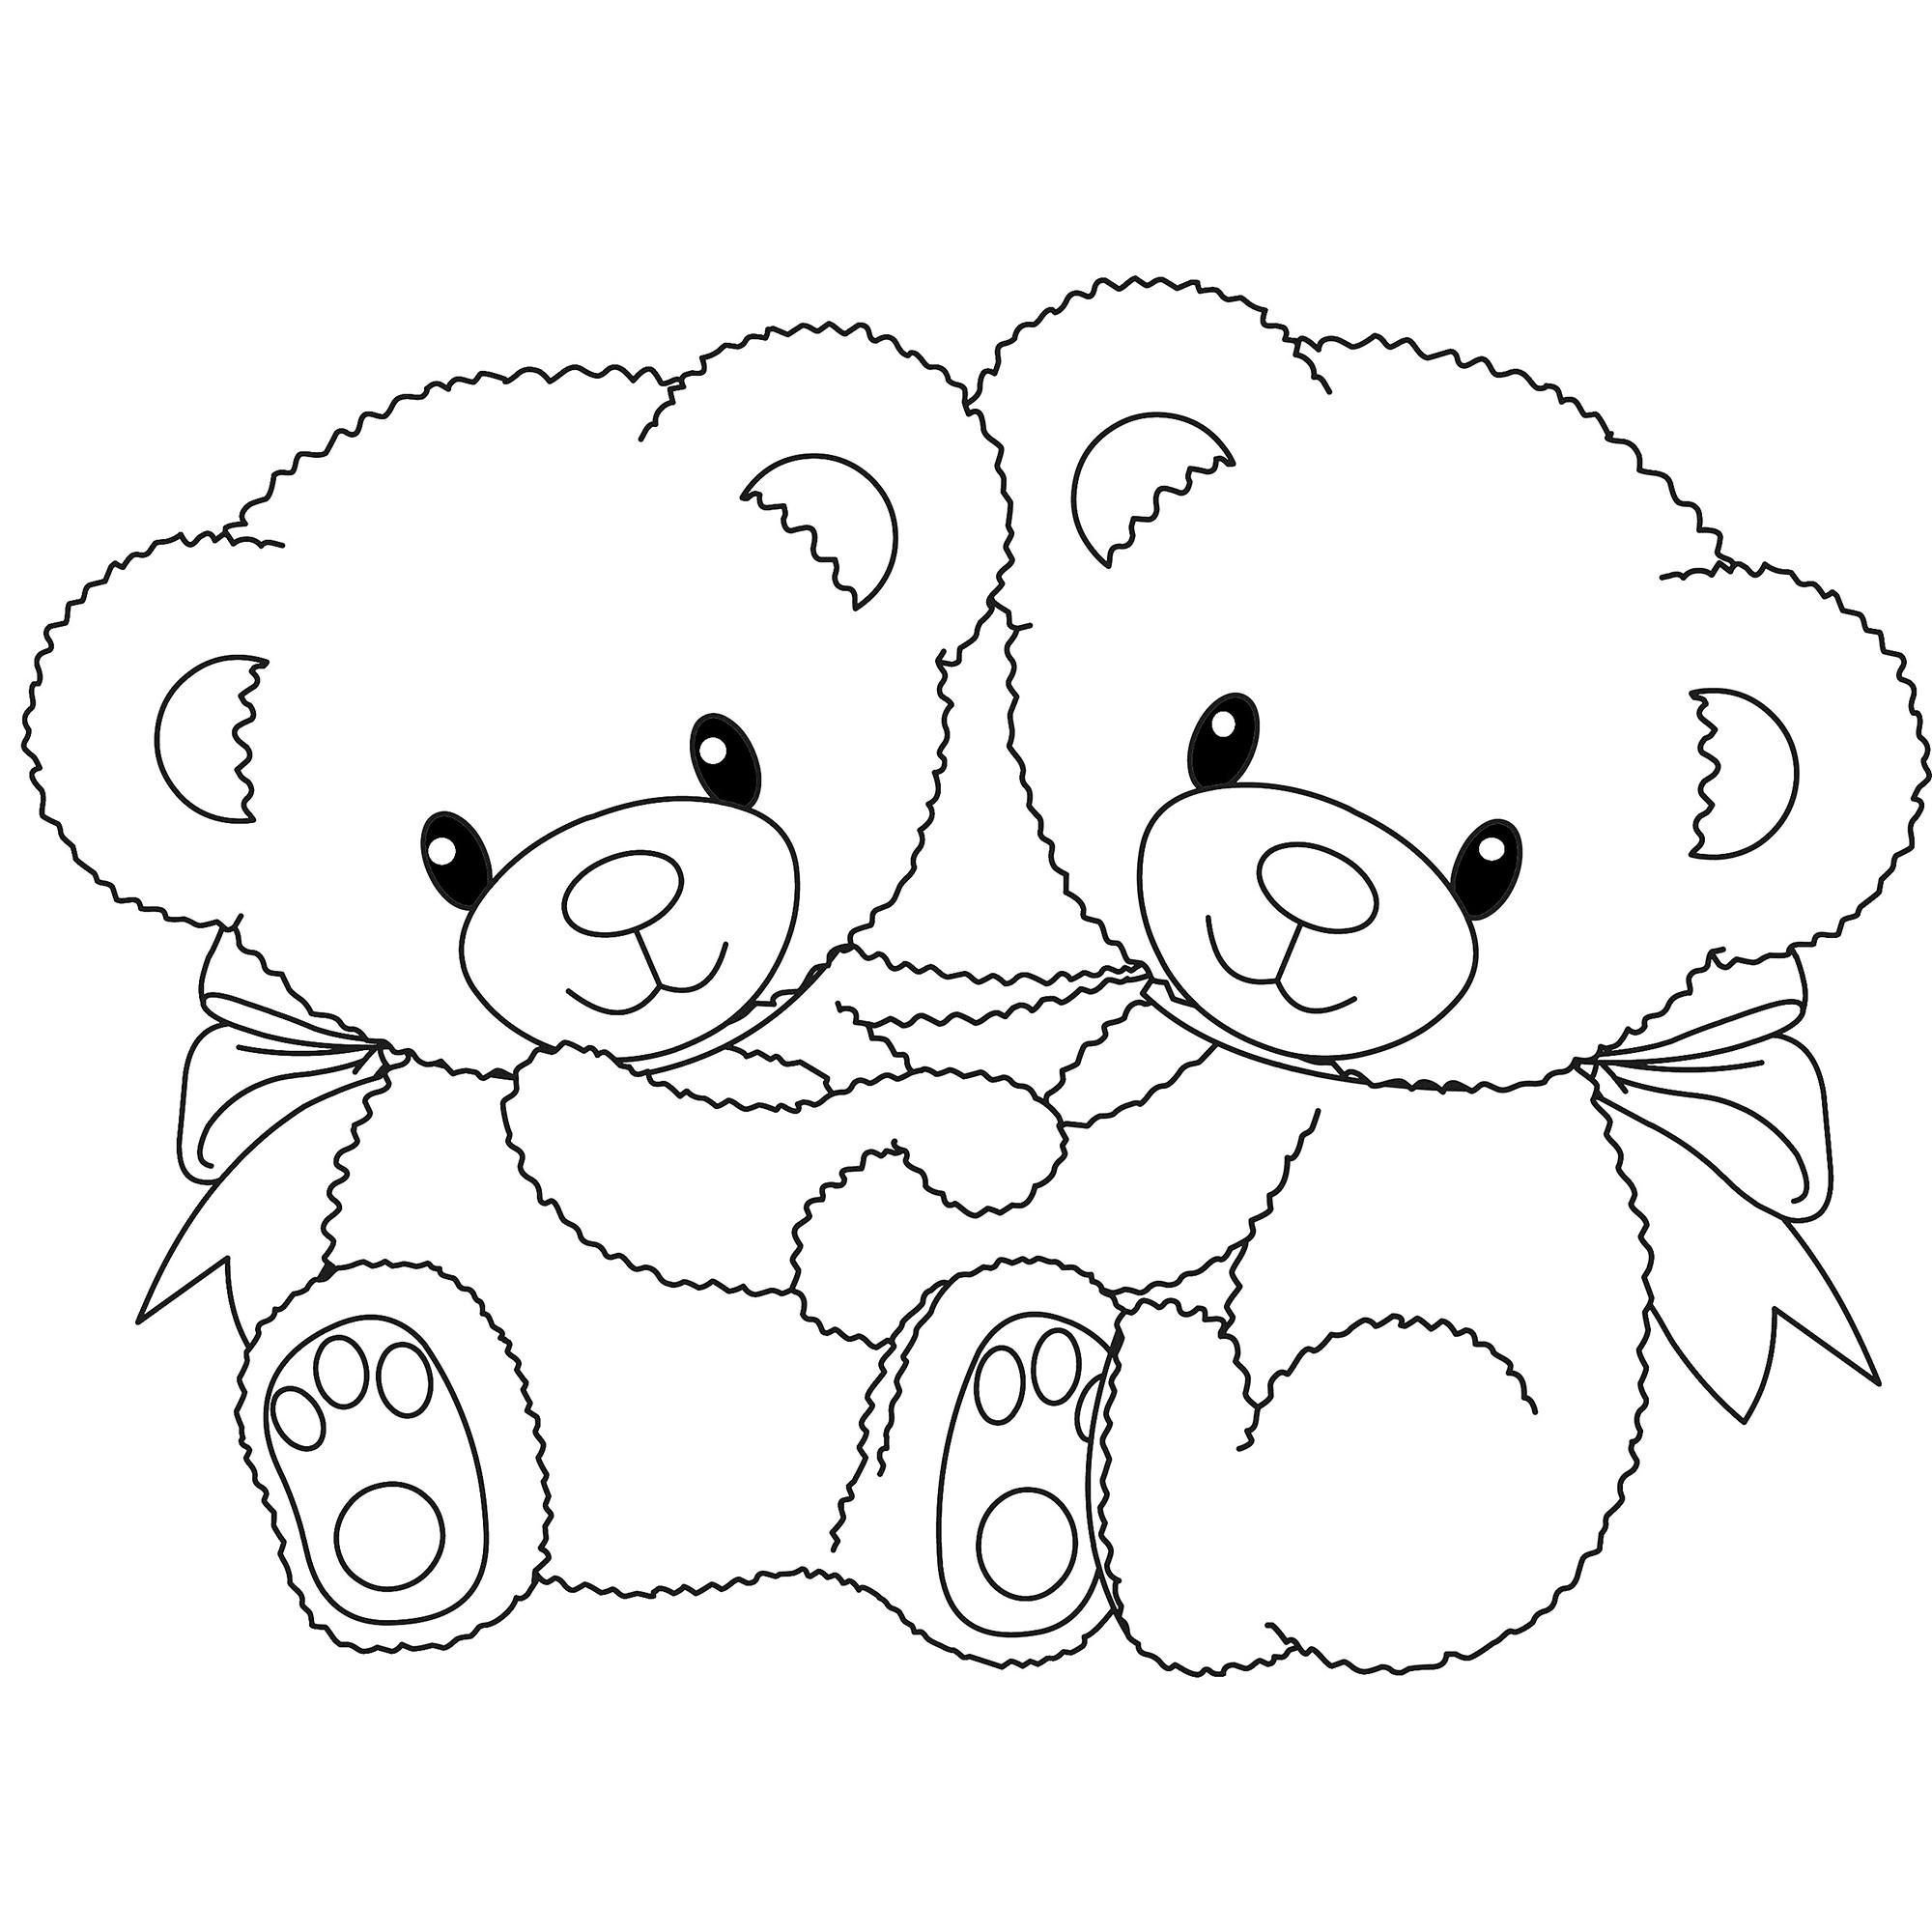 2000x2000 Teddy Bear Colorful Drawing Drawn Love Teddy Bear